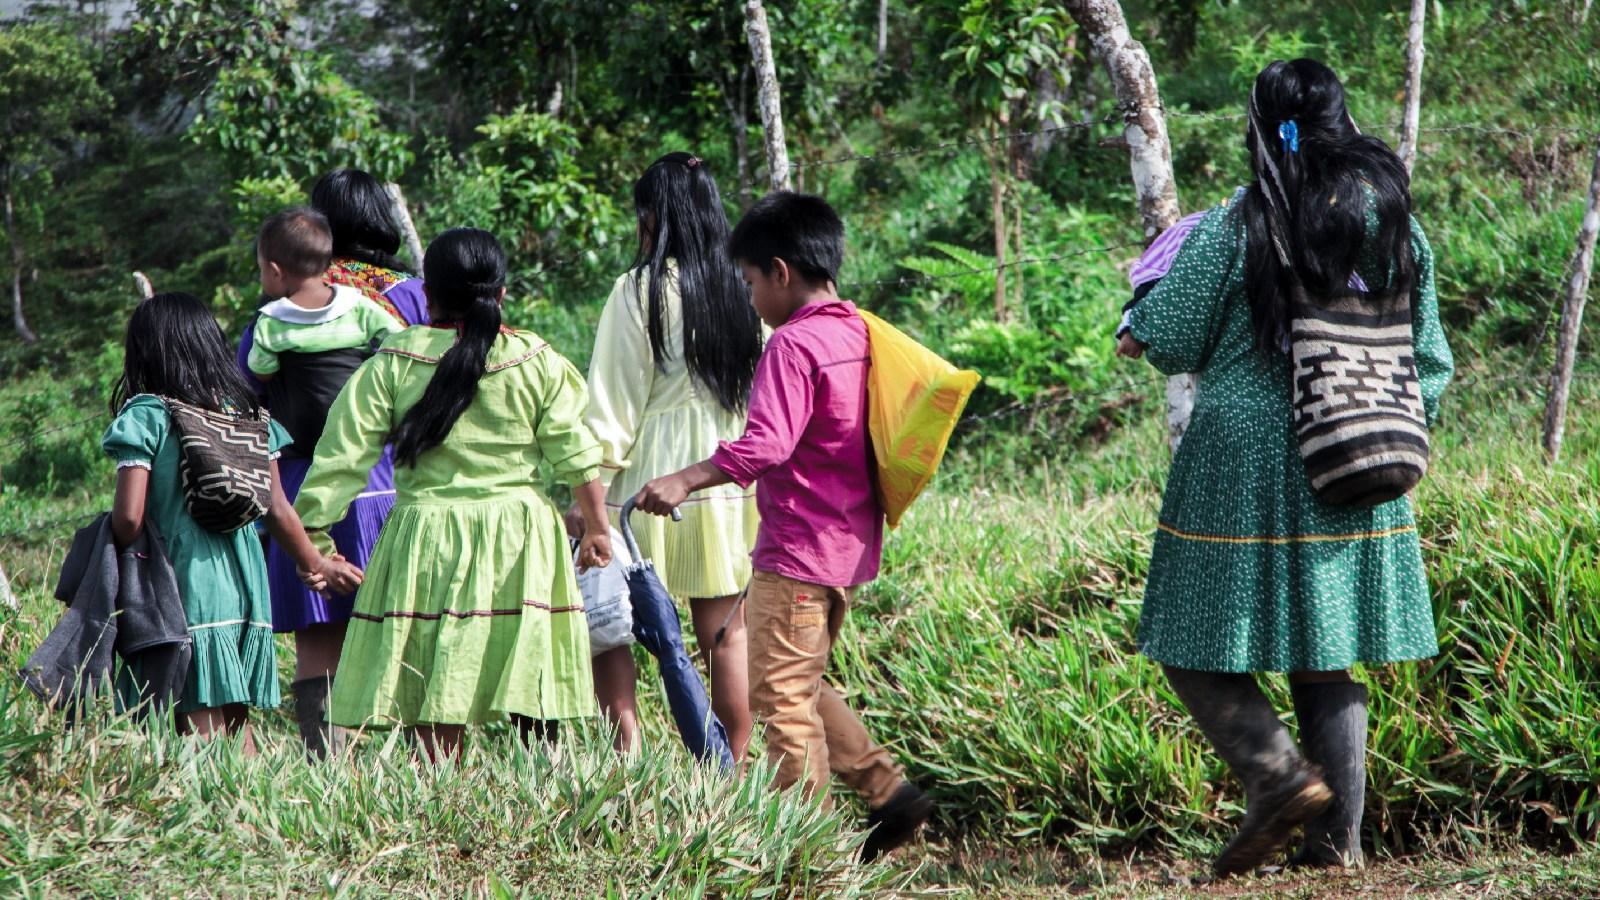 De espíritus y abandono: ¿qué hay detrás de las muertes de niños emberas en Risaralda?